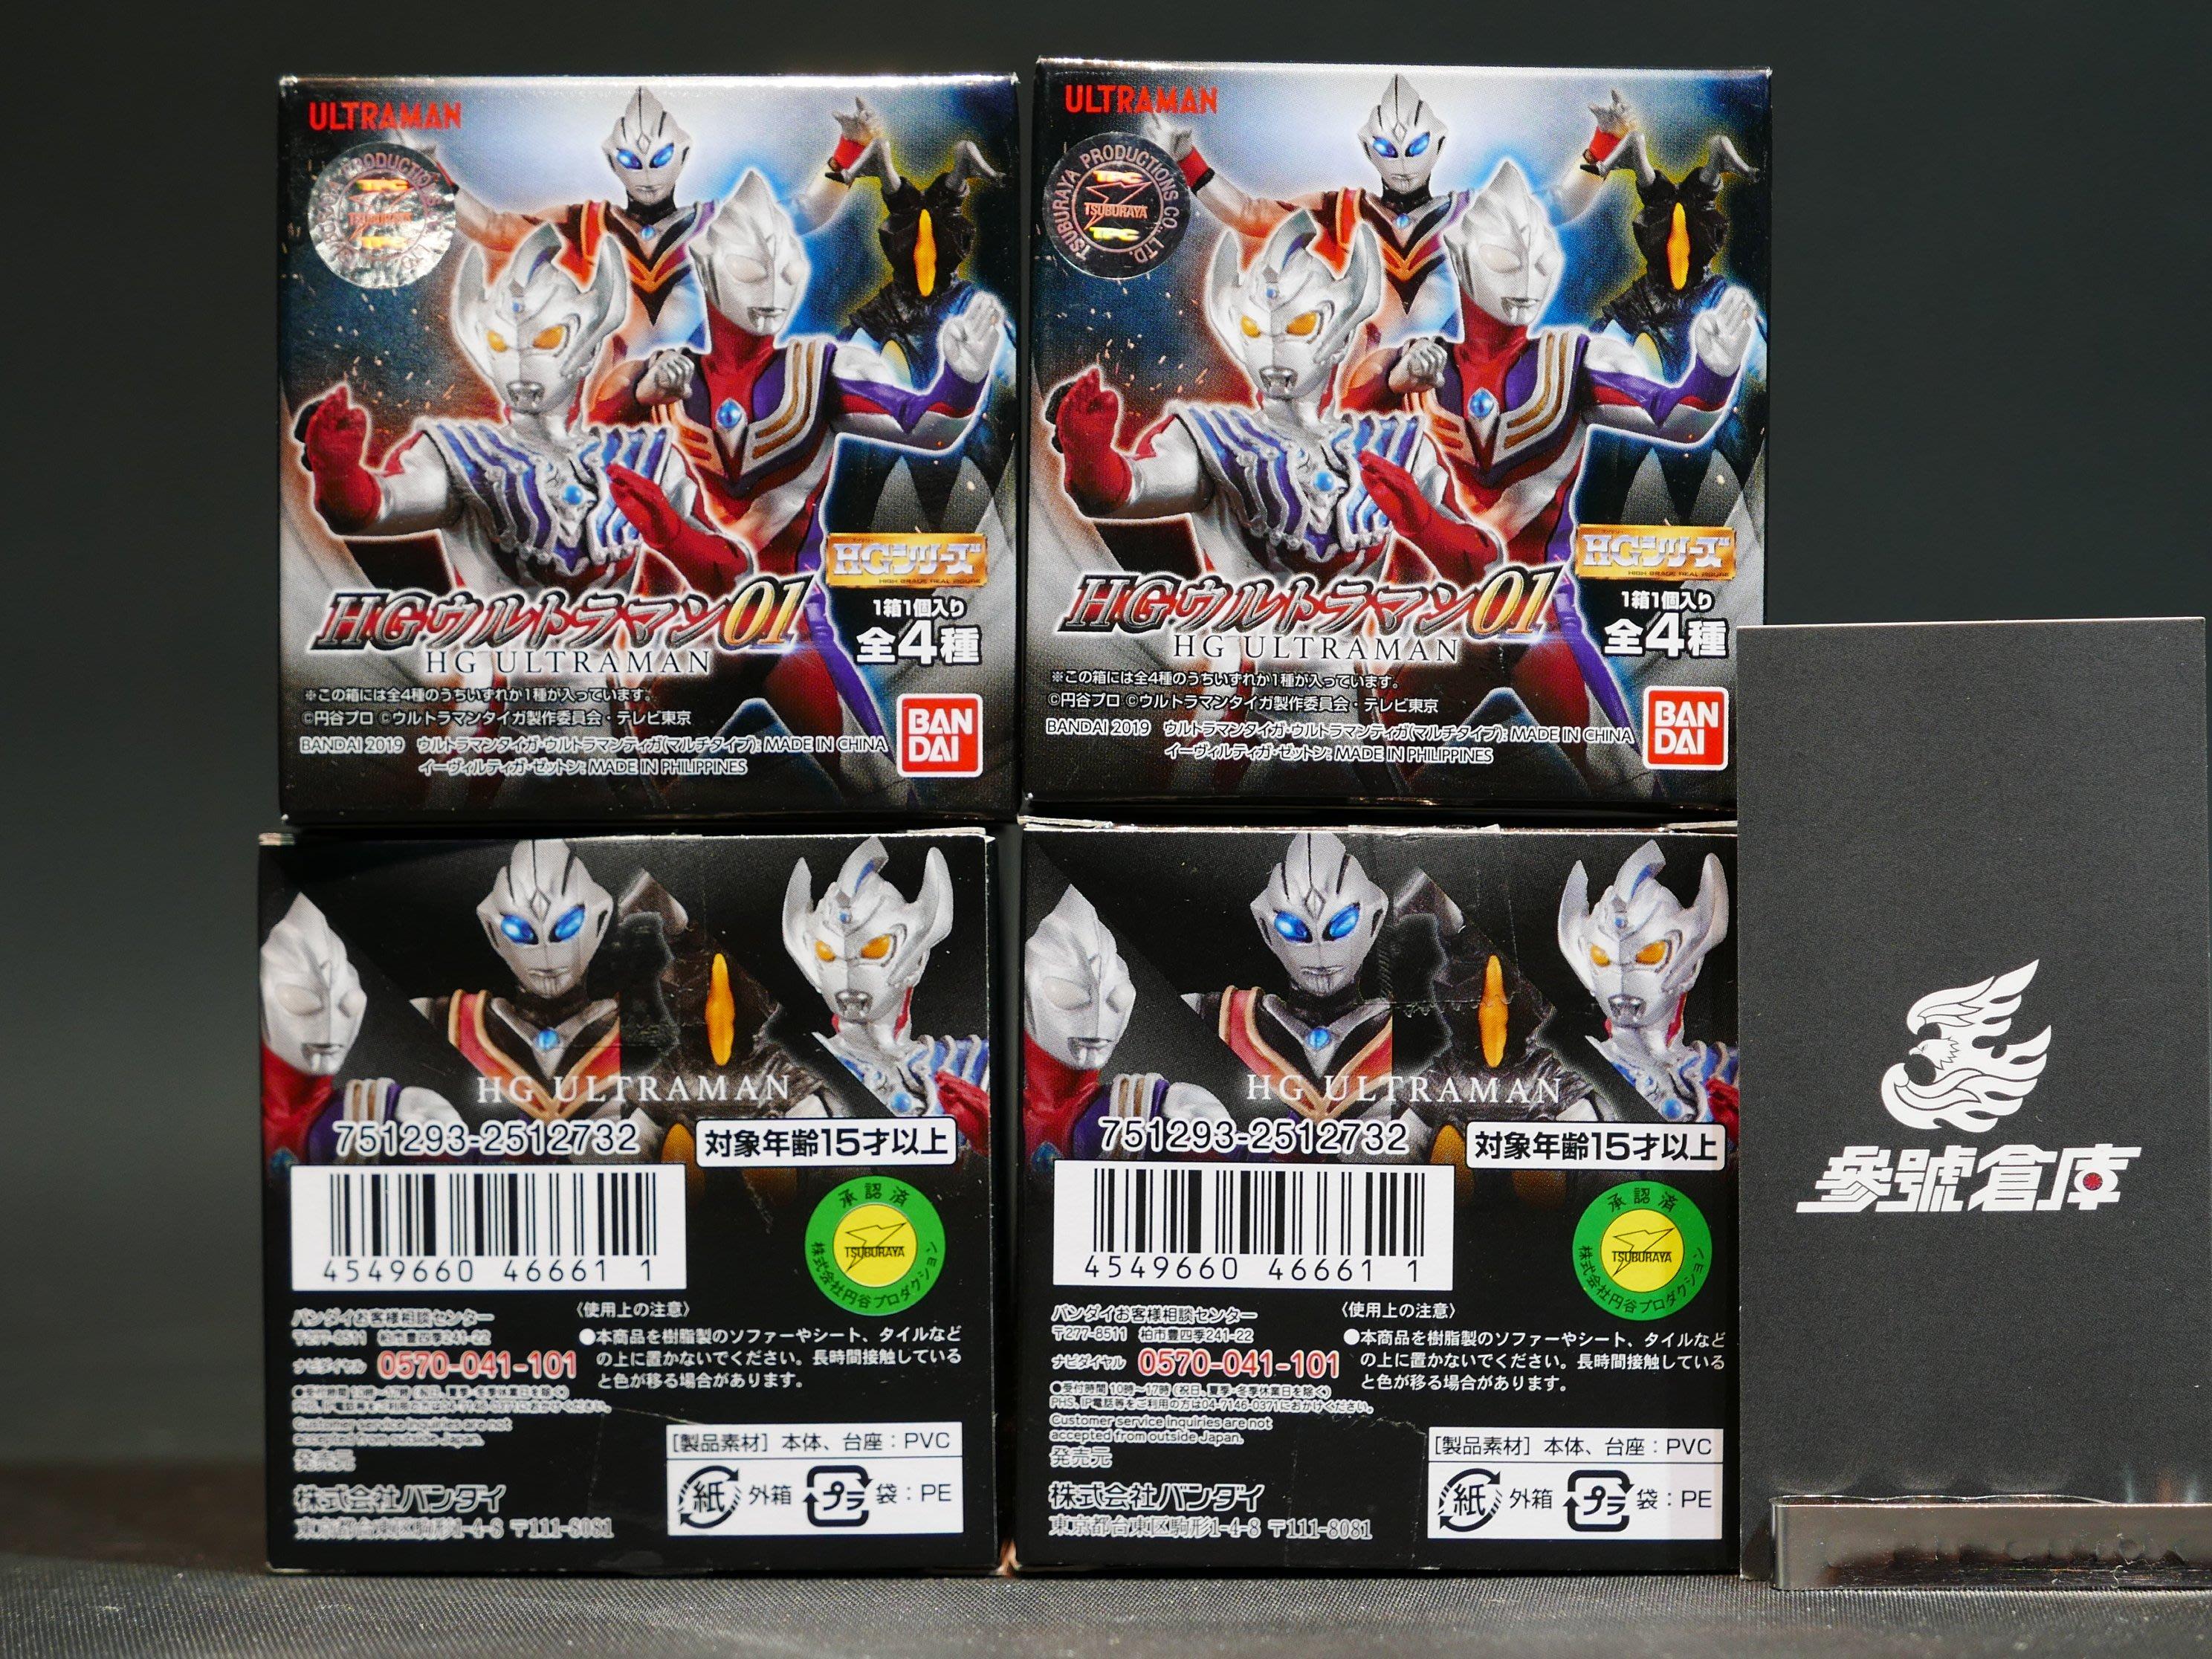 (參號倉庫) 現貨 盒玩 萬代 HG 超人力霸王 奧特曼 第一彈 一套四款 迪卡 大河 聖誕節 交換禮物